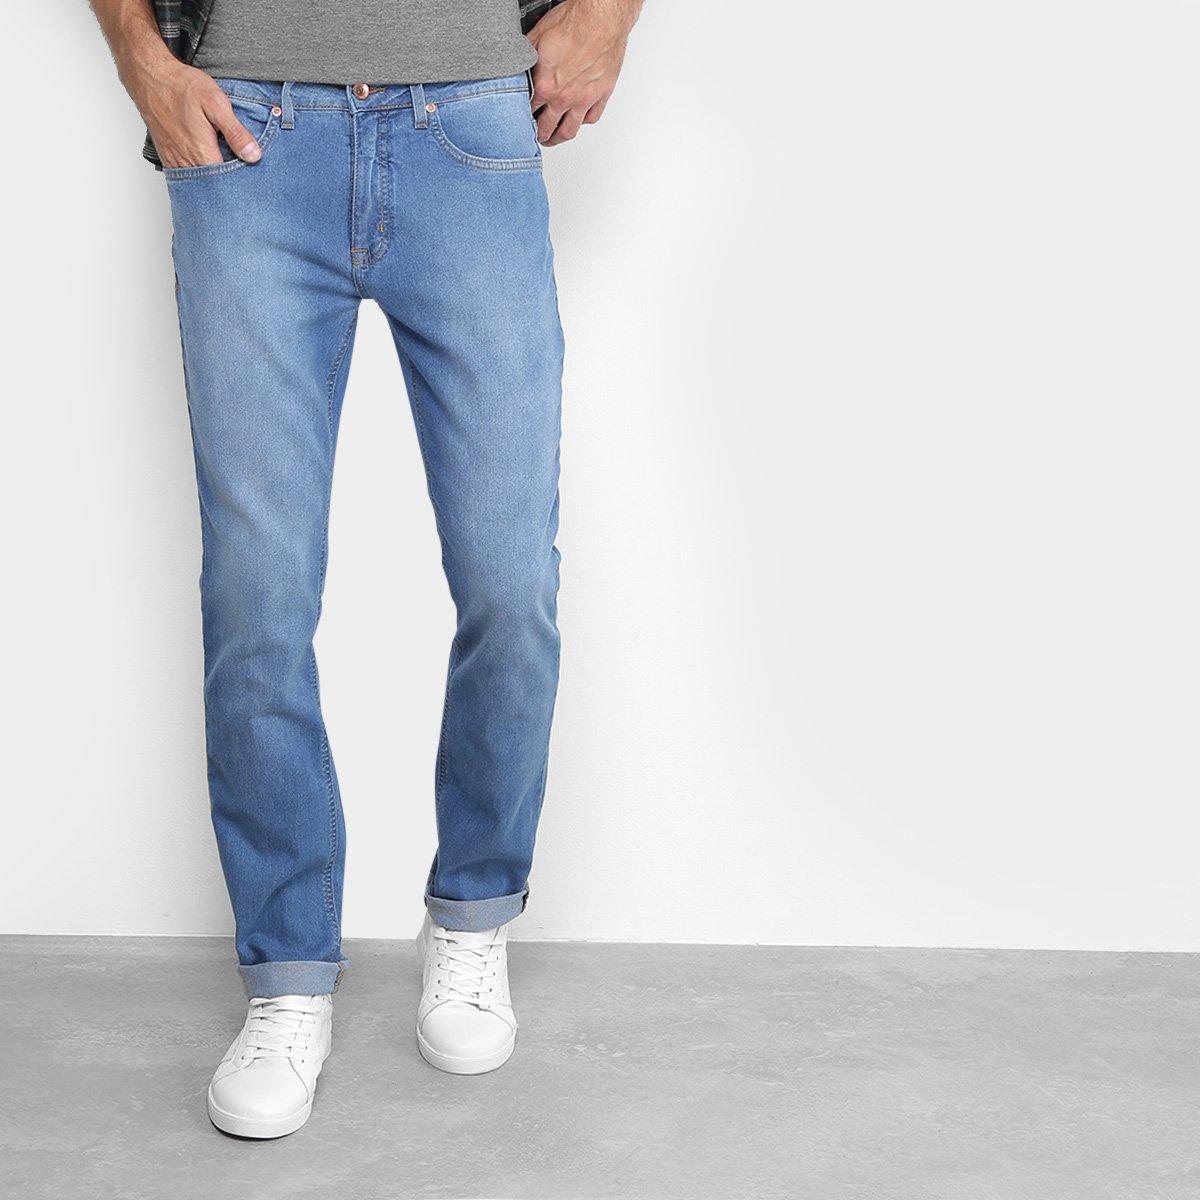 24d340d33 Calça Jeans Slim Calvin Klein Estonada Masculina - Azul Claro | Netshoes